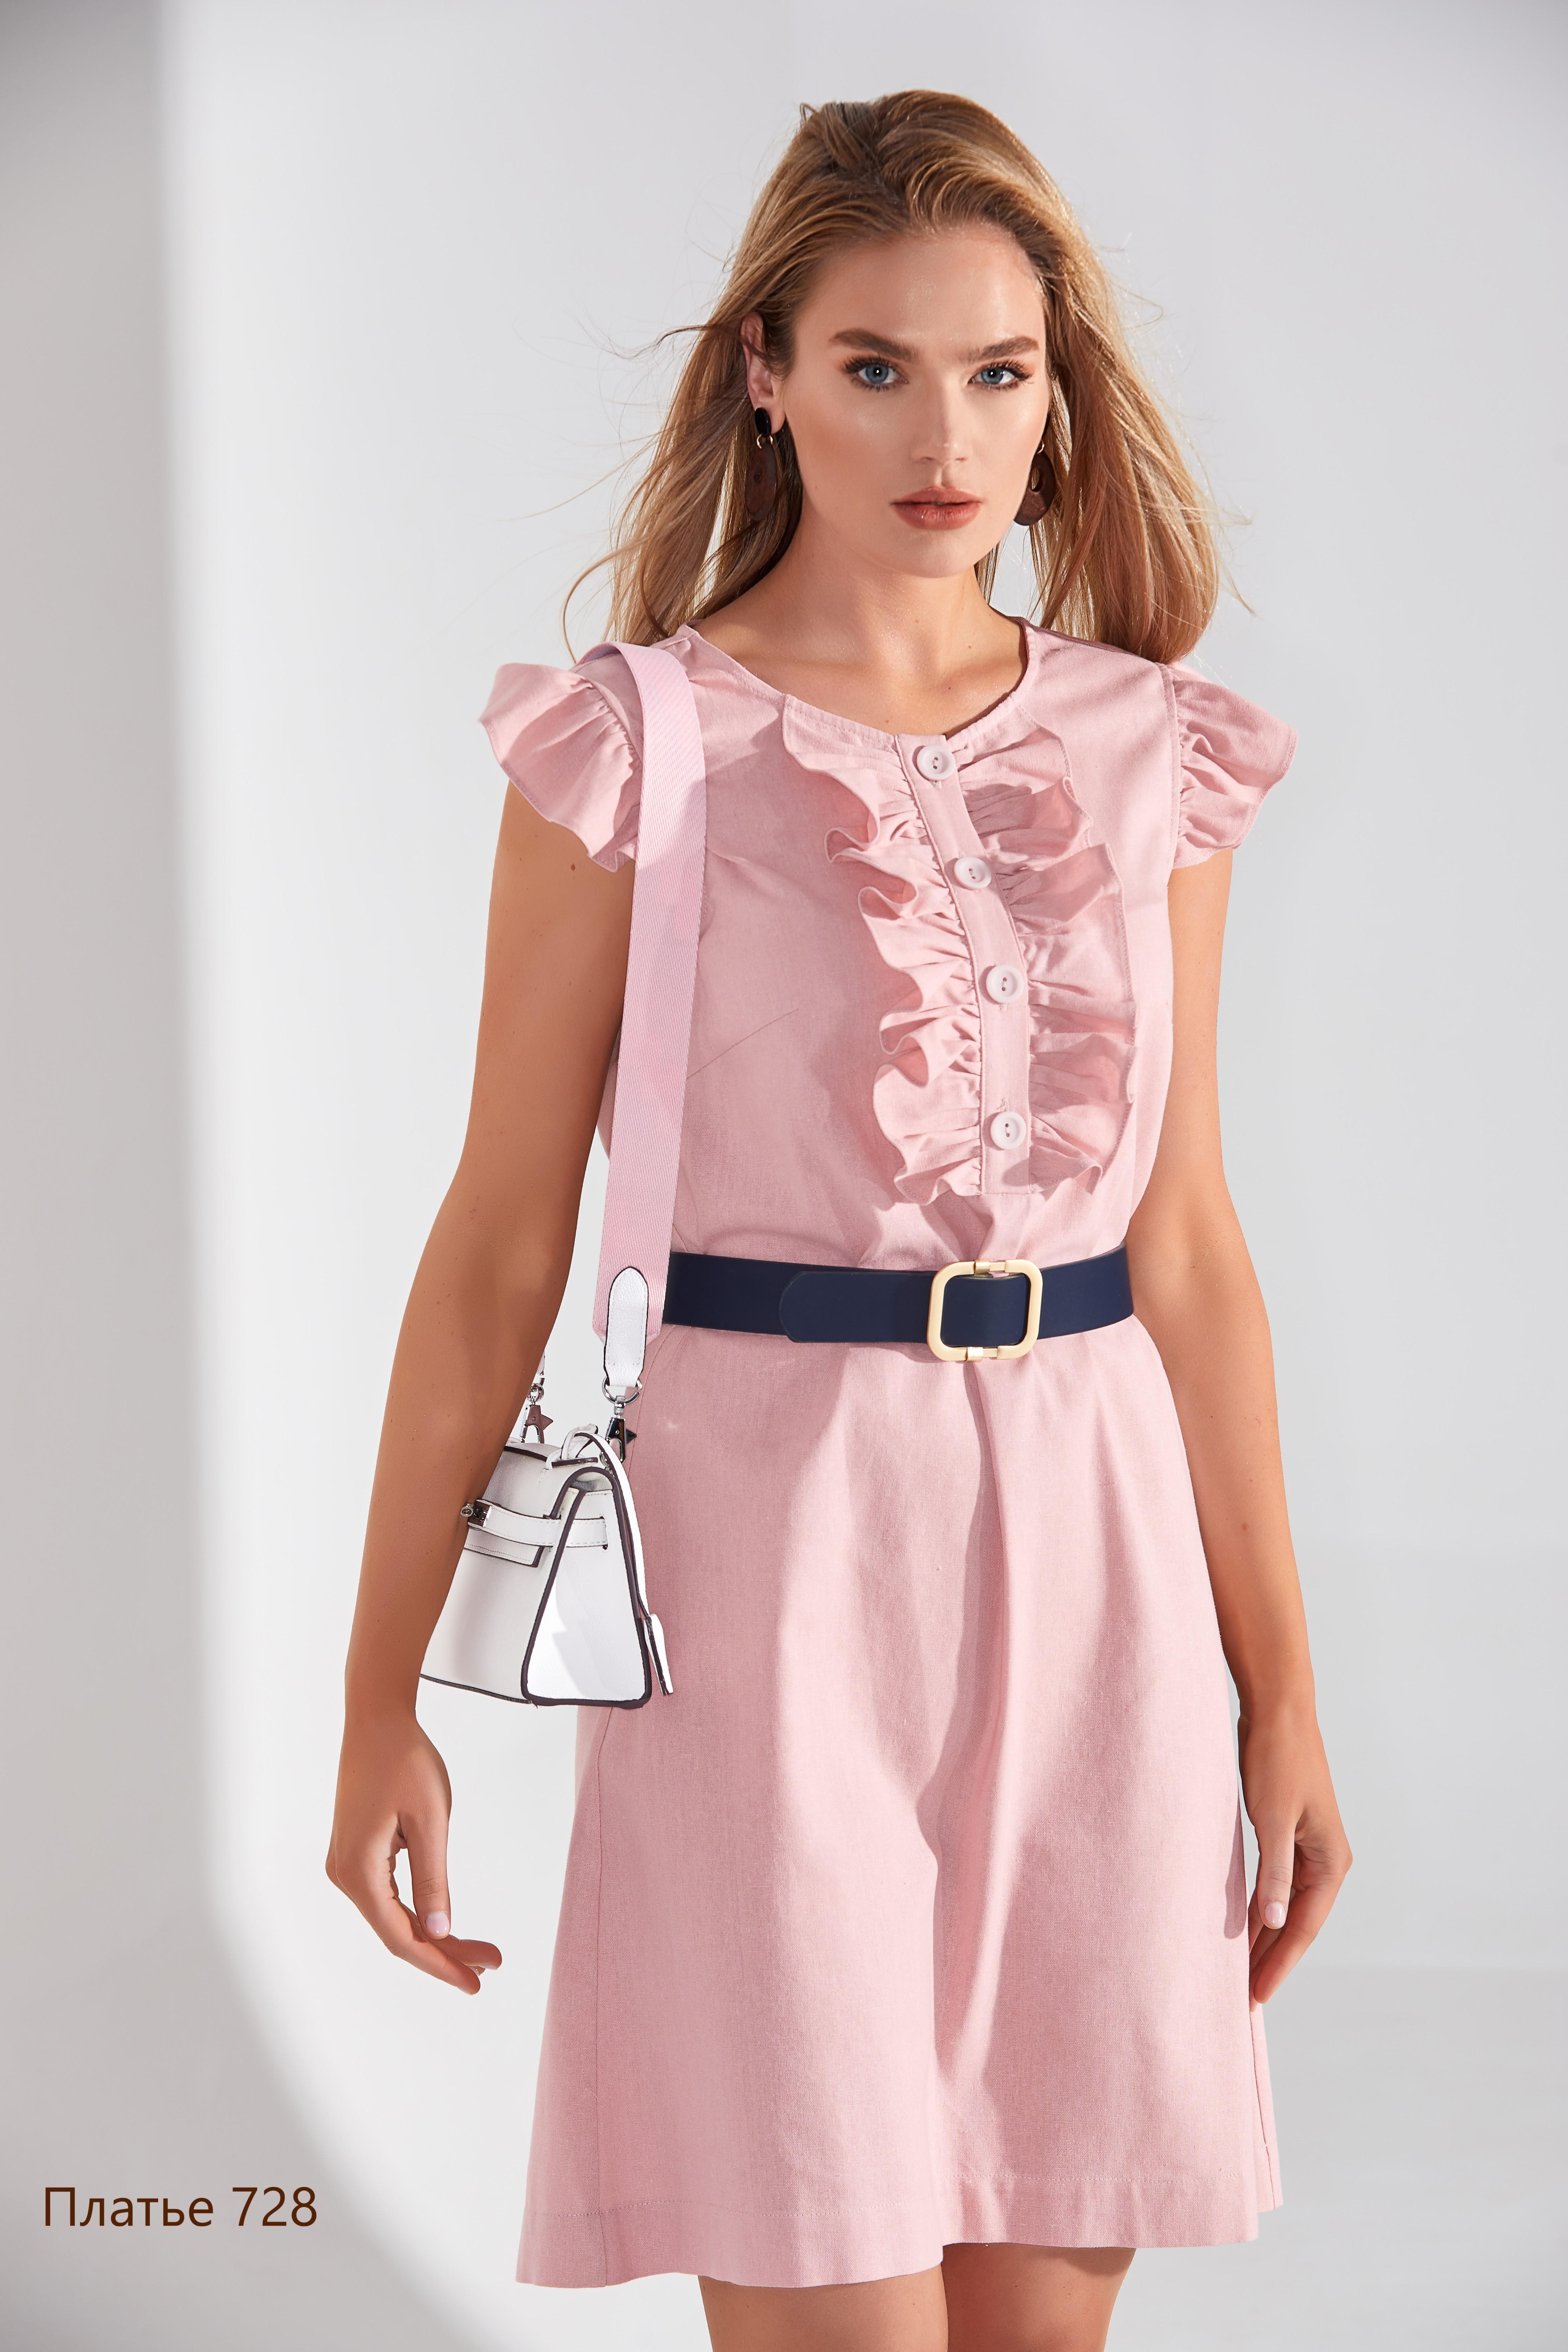 Платье 728 (2)